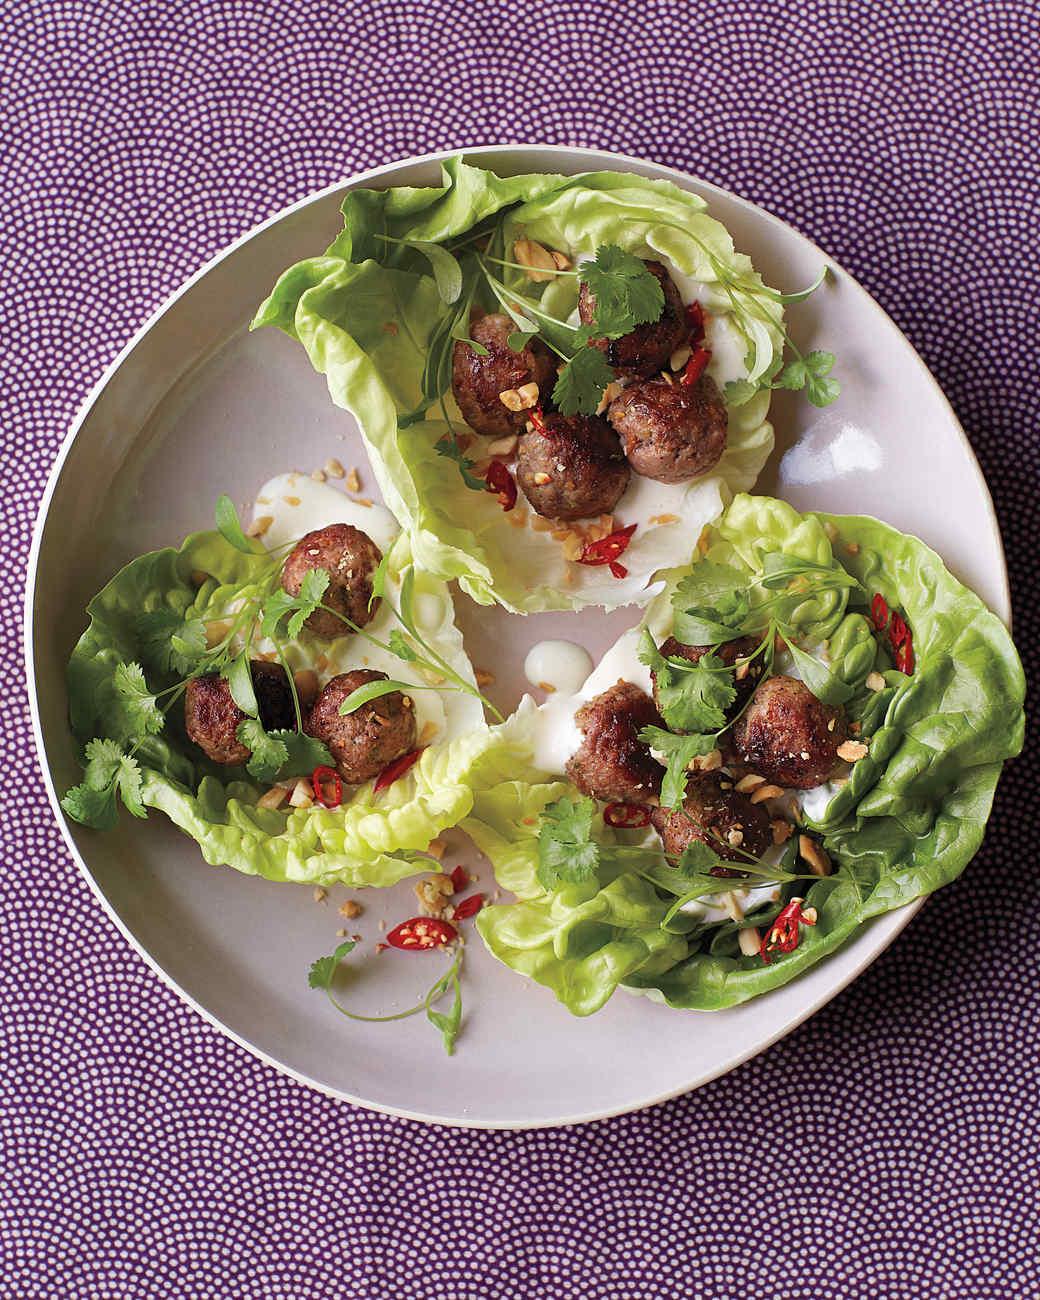 meatballs-lettuce-chilli-014-d111667.jpg